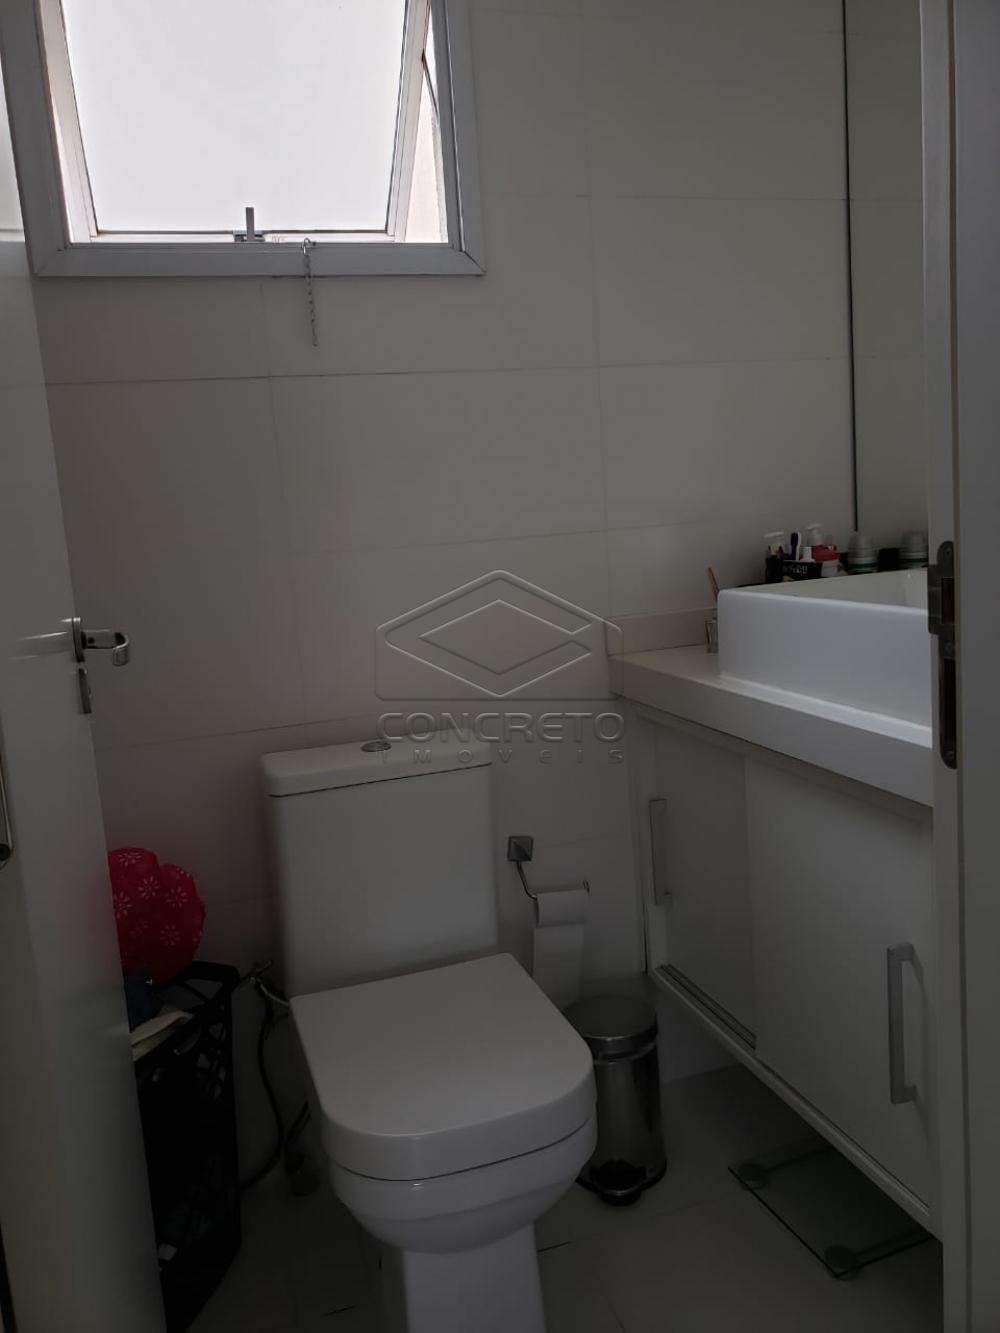 Comprar Apartamento / Padrão em Bauru R$ 650.000,00 - Foto 7